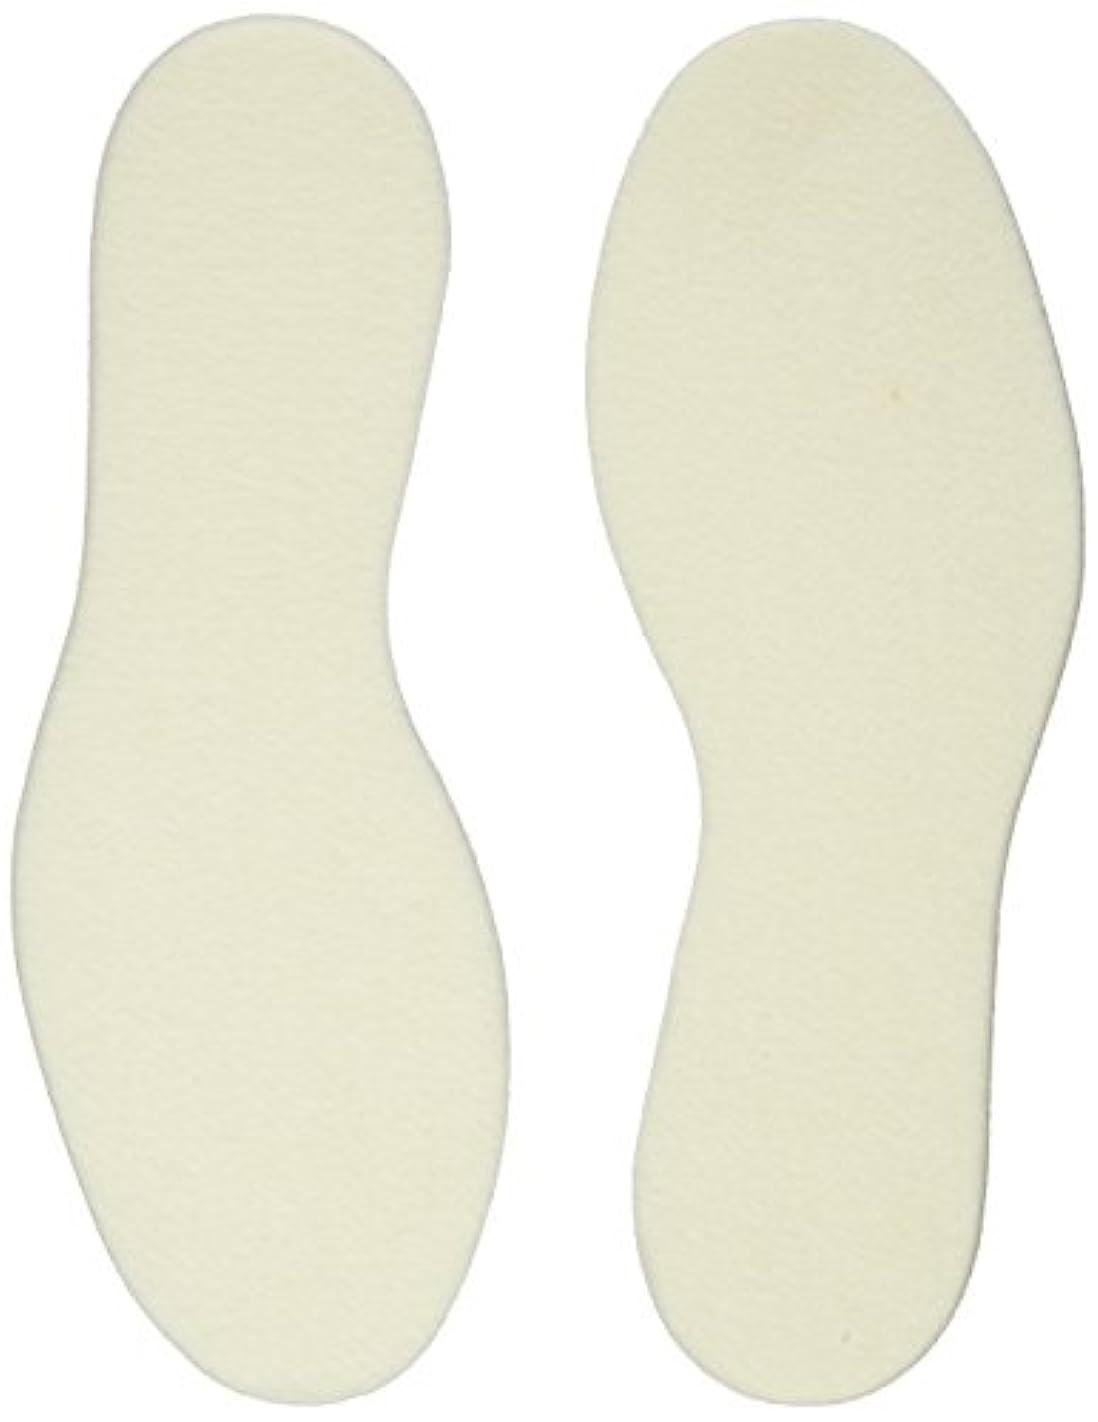 憧れどうやらグラスコロンブス 長靴快適インソール フリーサイズ(22.0~28.0cm)